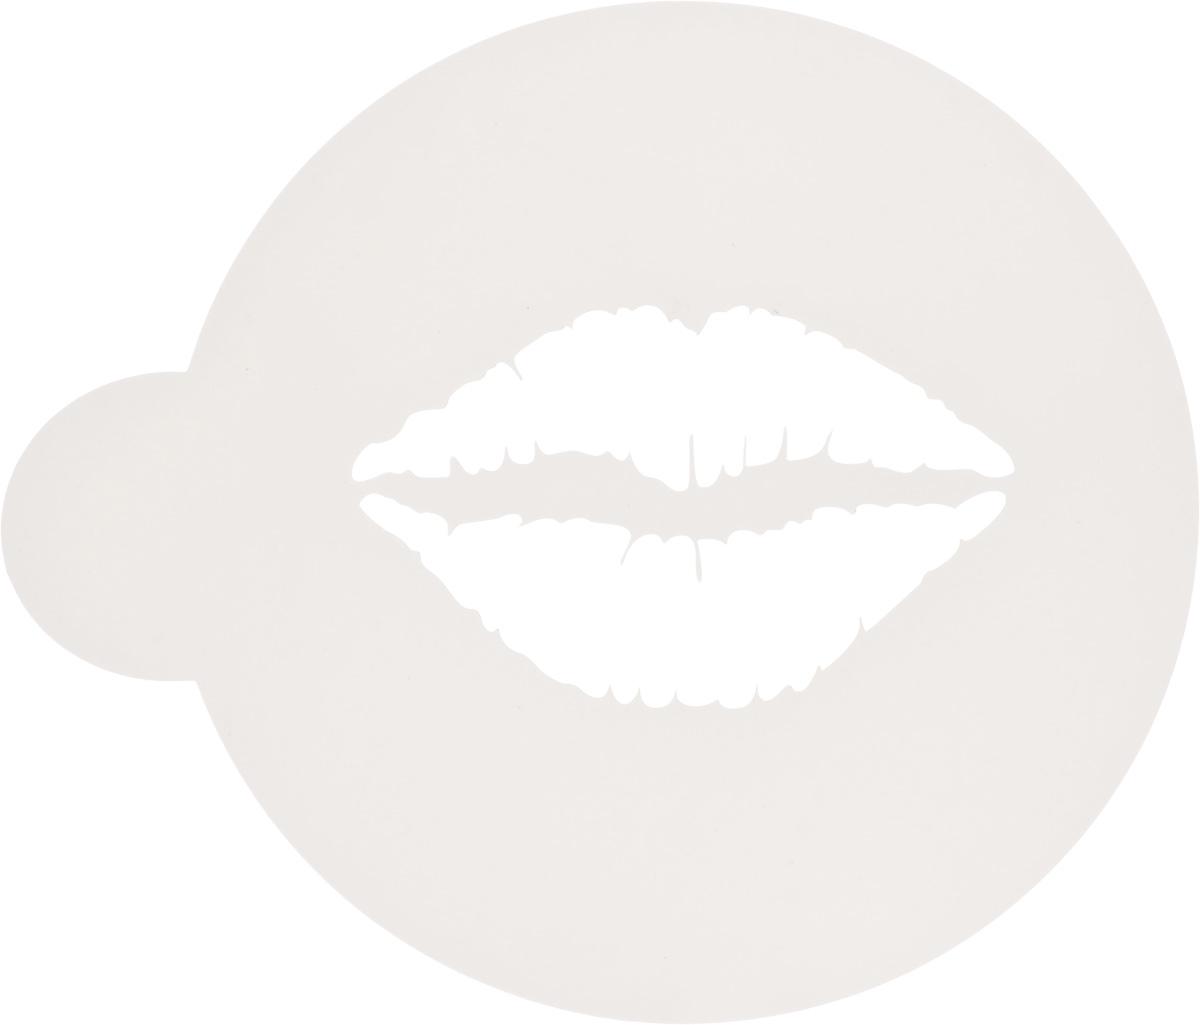 Трафарет на кофе и десерты Леденцовая фабрика Поцелуй, диаметр 10 смТ012Трафарет представляет собой пластину с прорезями, через которые пищевая краска (сахарная пудра, какао, шоколад, сливки, корица, дробленый орех) наносится на поверхность кофе, молочных коктейлей, десертов. Трафарет изготовлен из матового пищевого пластика 250 мкм и пригоден для контакта с пищевыми продуктами. Трафарет многоразовый. Побалуйте себя и ваших близких красиво оформленным десертом.